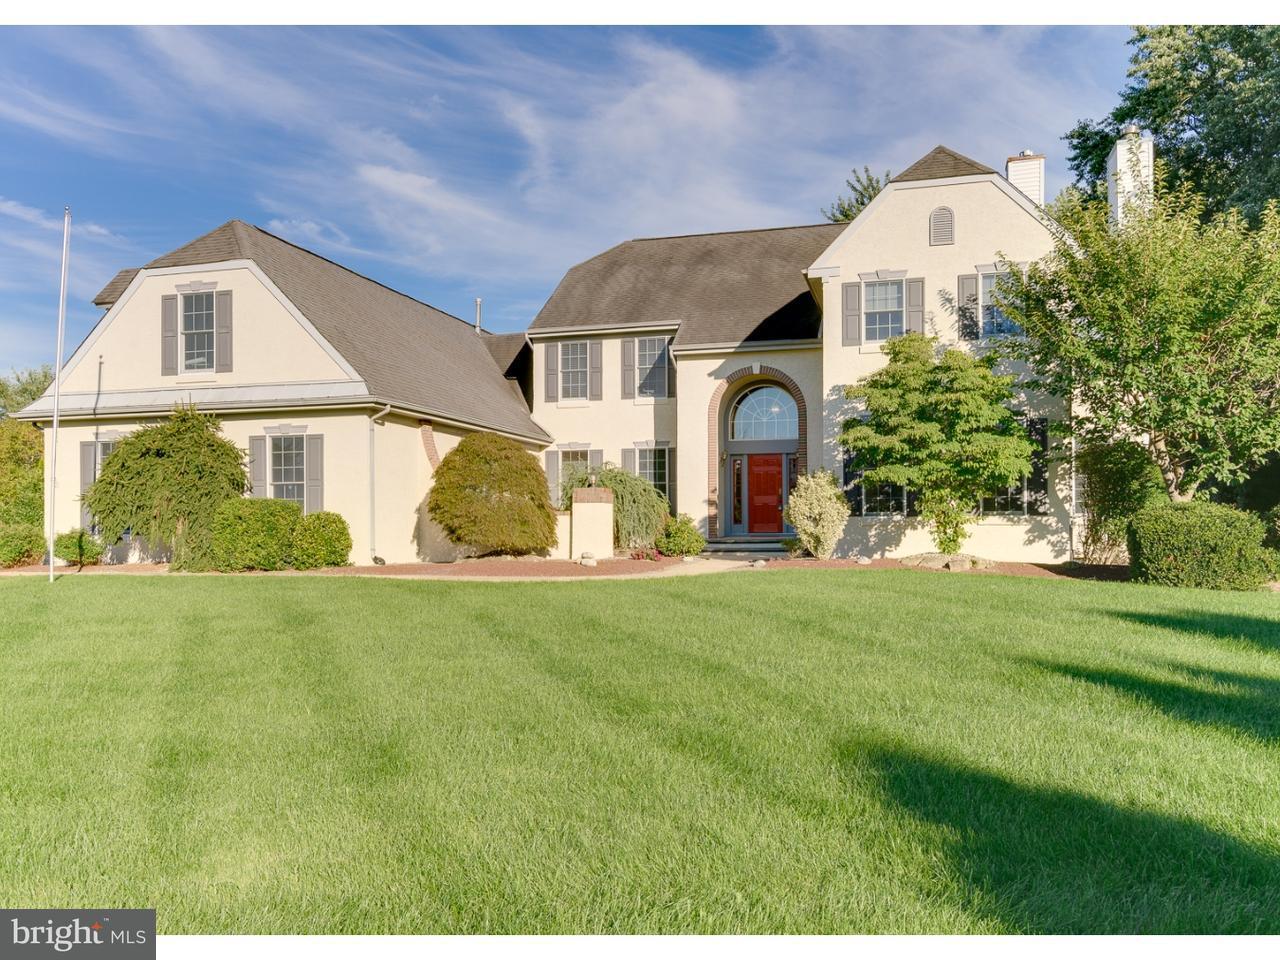 Частный односемейный дом для того Продажа на 46 WYCKLOW Court Robbinsville, Нью-Джерси 08691 Соединенные ШтатыВ/Около: Robbinsville Township